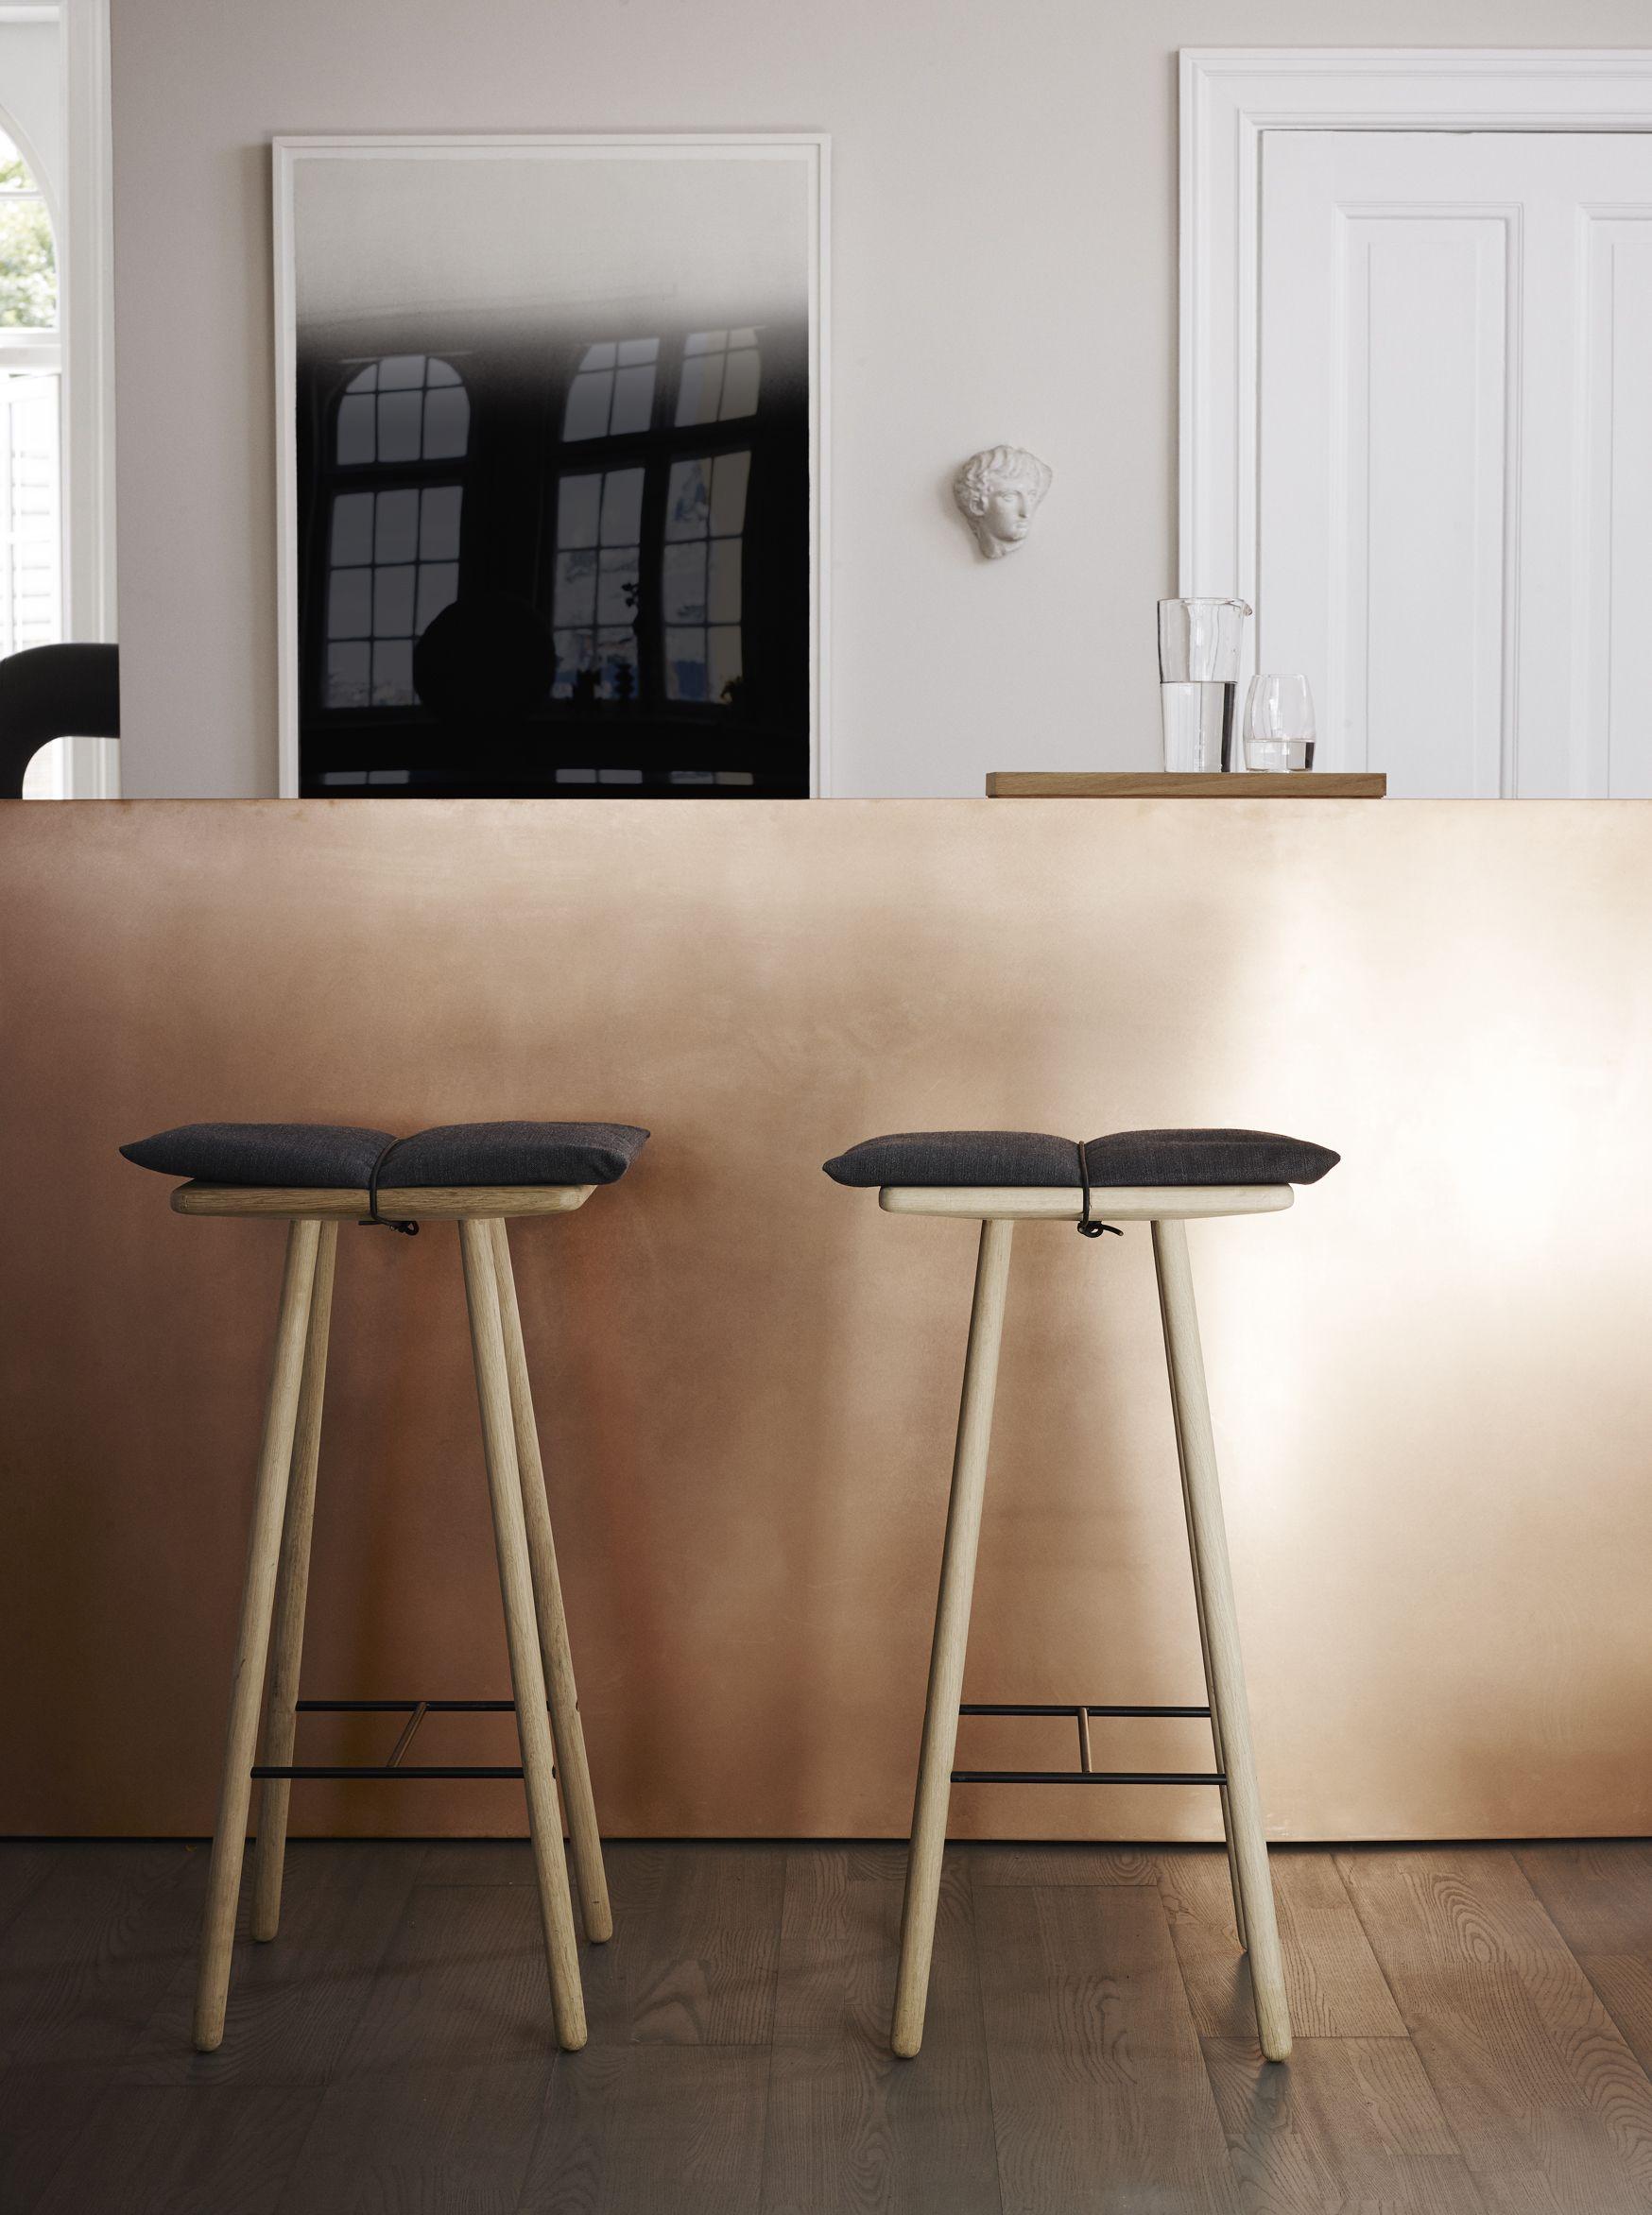 Pin By Amy Butler On Inspiring Interieur Scandinavian Bar Stool Bar Stools Scandinavian Style Furniture